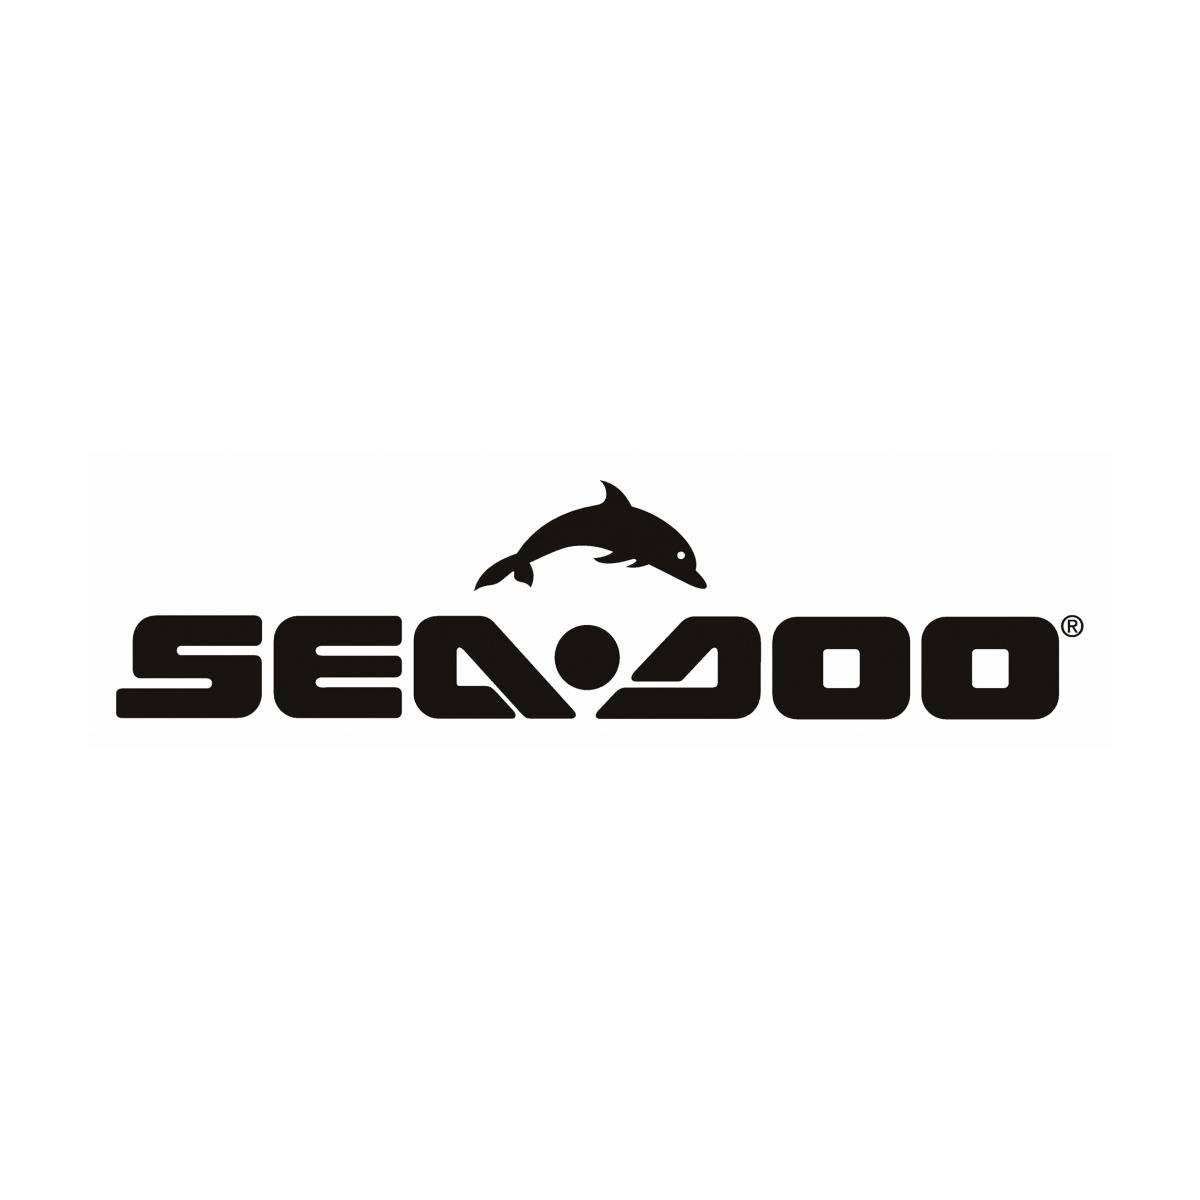 Anel de Carbono para Jet Ski Sea Doo (40mm)  - Radical Peças - Peças para Jet Ski